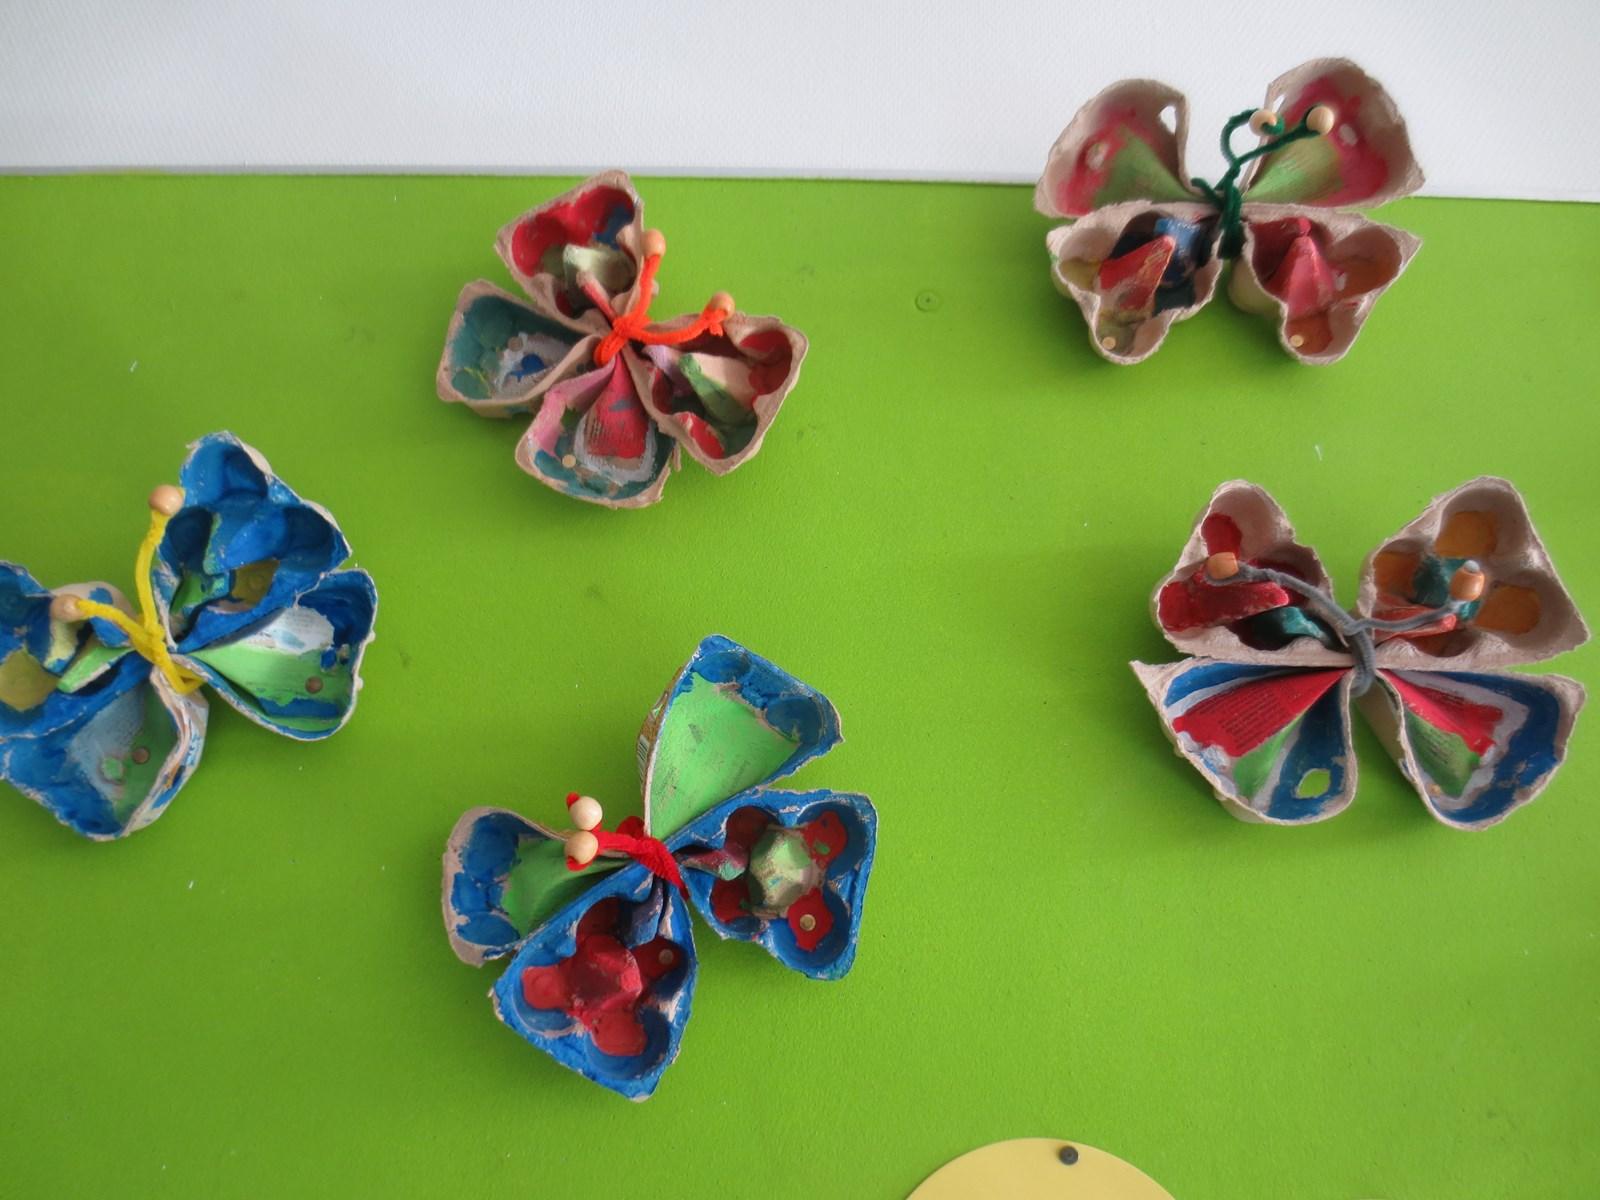 Genoeg Vlinders knutselen in groep 3 - Kindcentrum De Notenbalk  &EP83